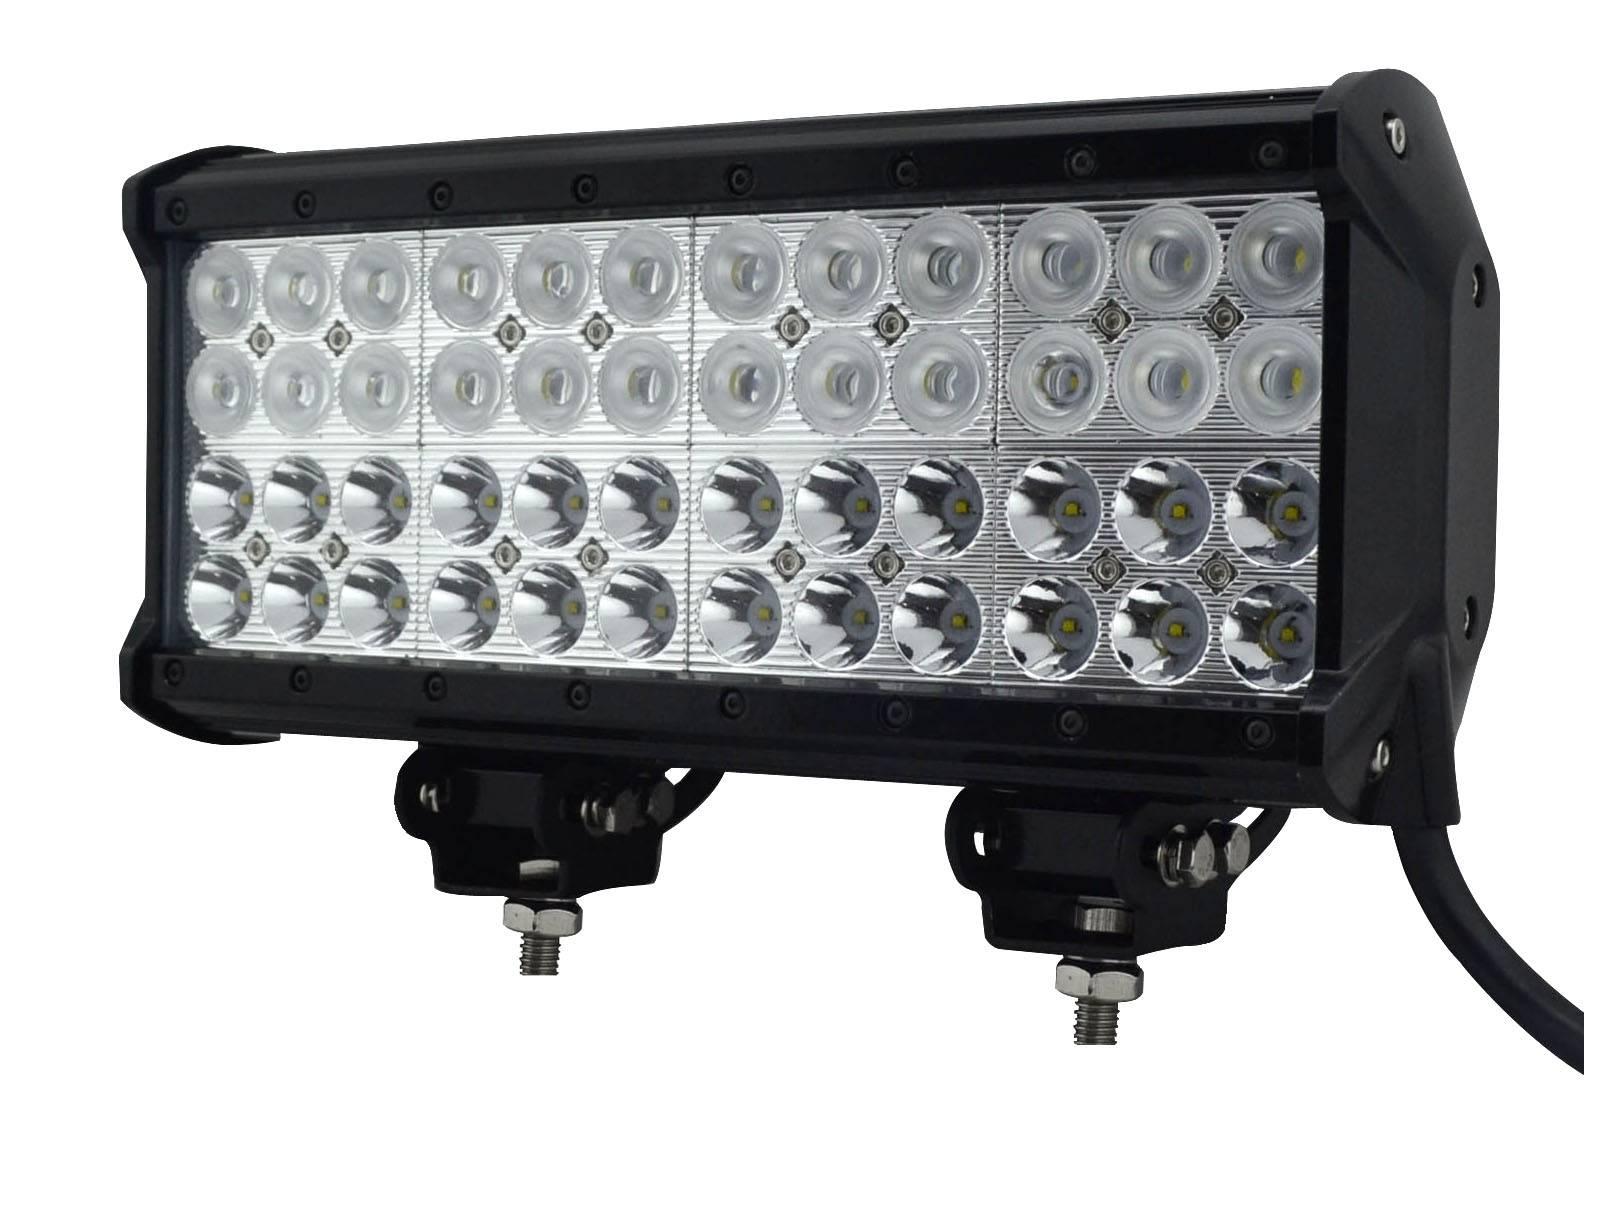 12 inch 144W CREE LED Work Light Bars Spot Light Flood Light Combo Light